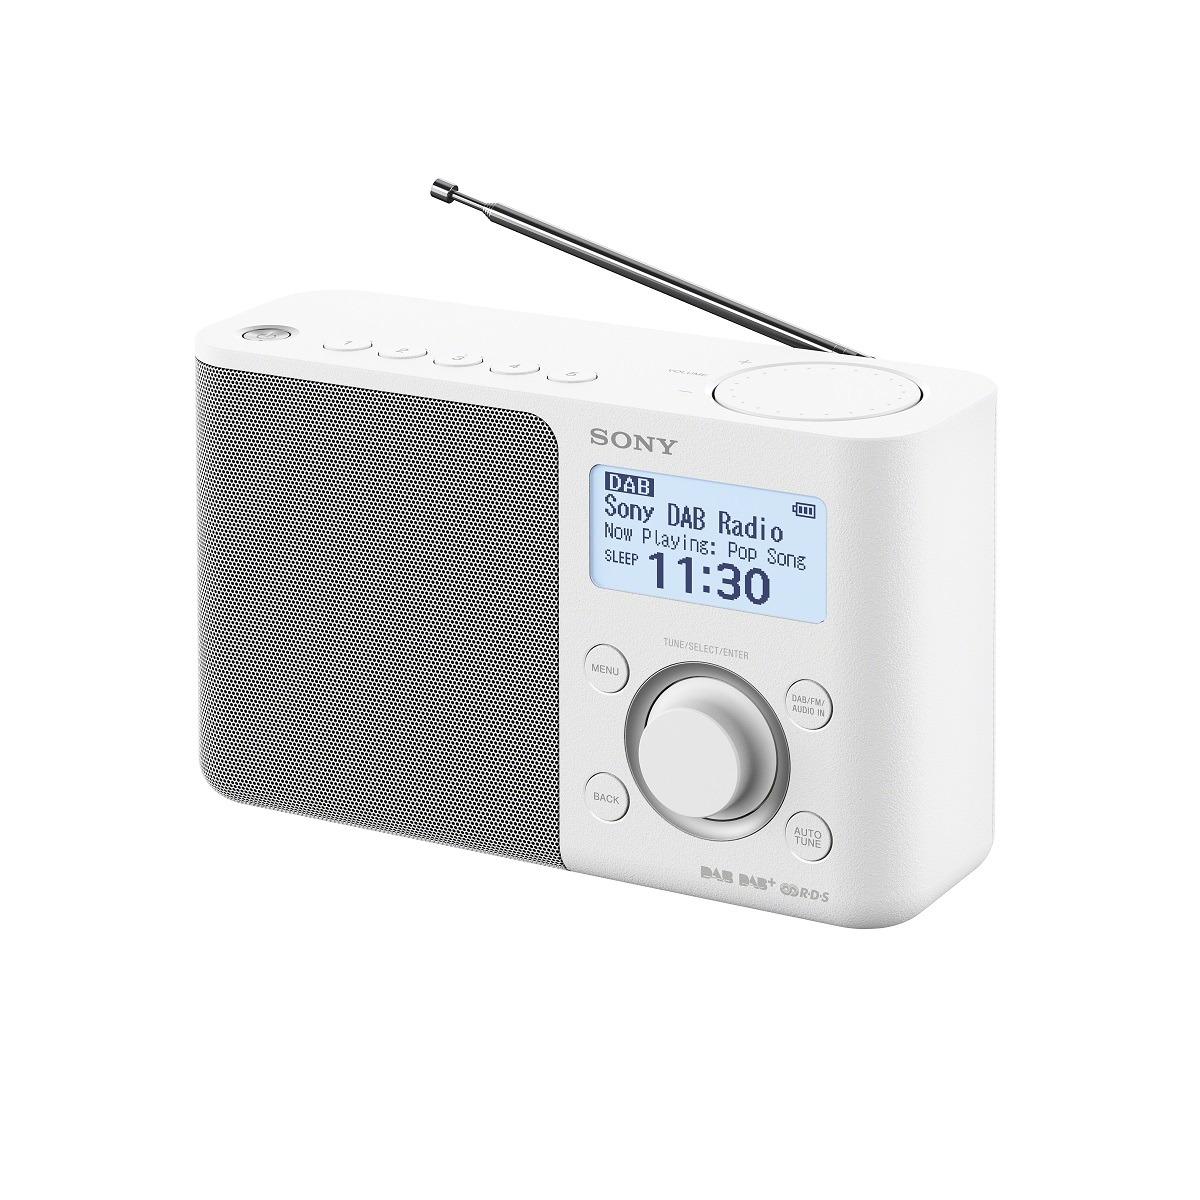 Sony XDR-S61D DAB radio Wit